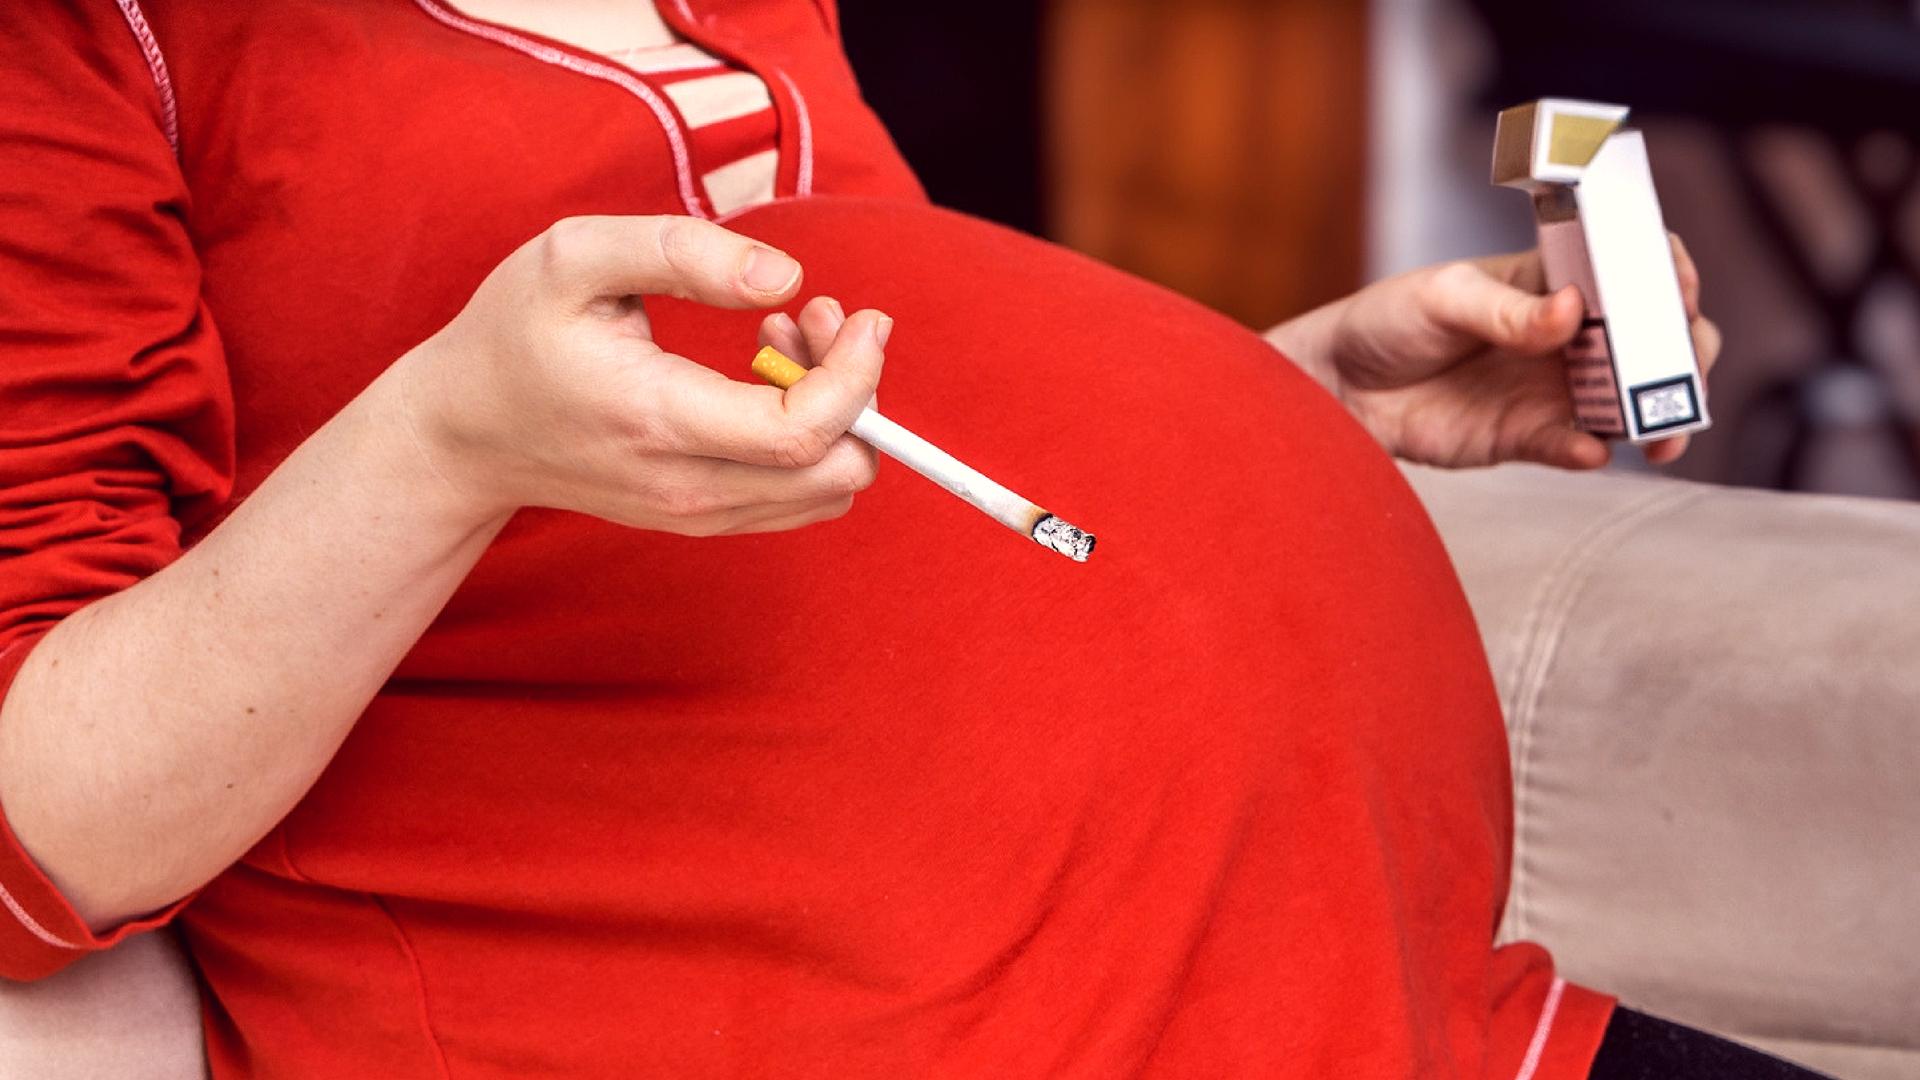 Schwanger: So Schaffst Du Es Sofort Mit Dem Rauchen über 2 3 Zigaretten Schwangerschaft